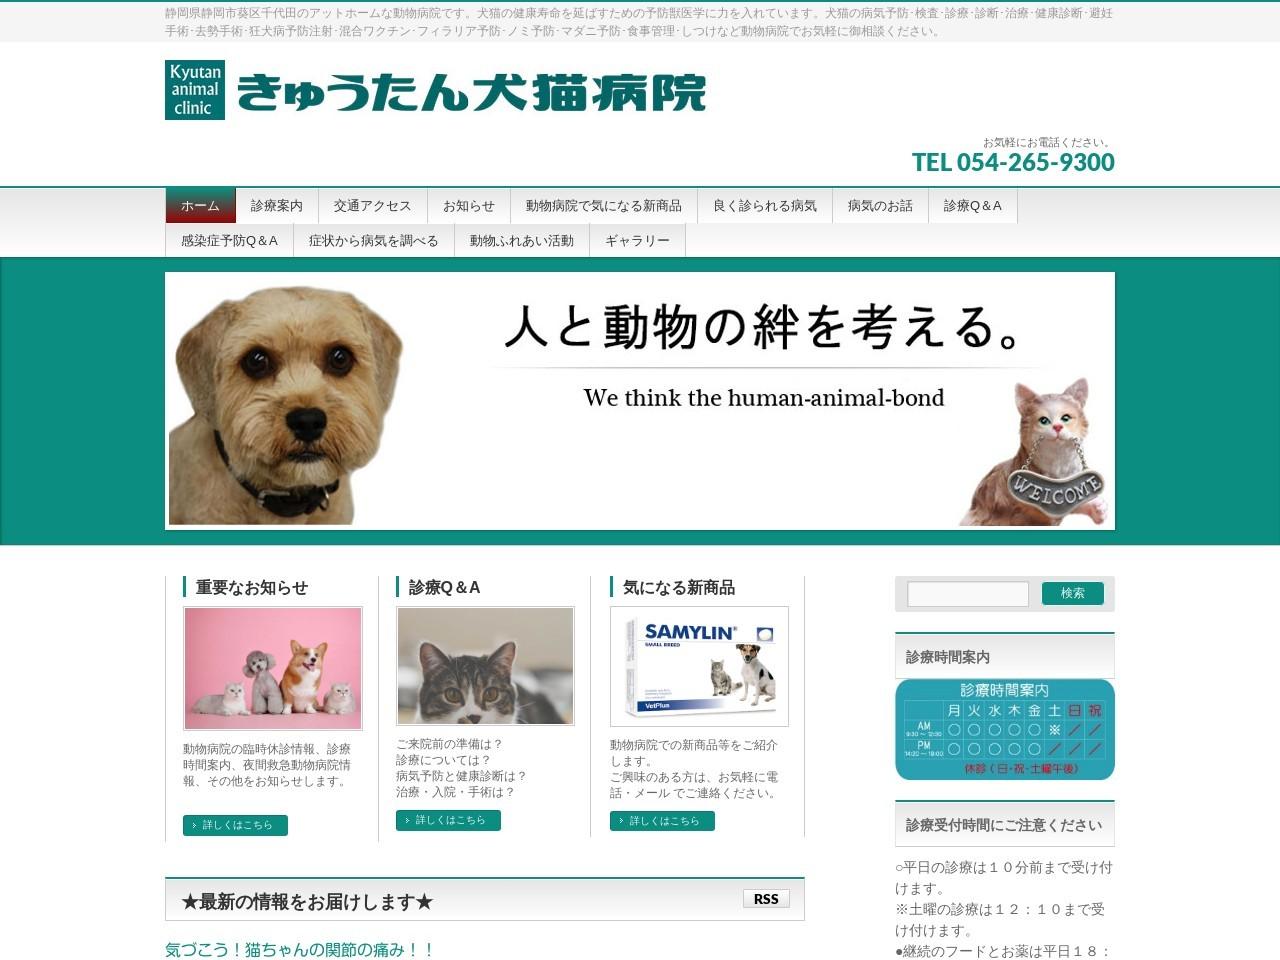 きゅうたん犬猫病院